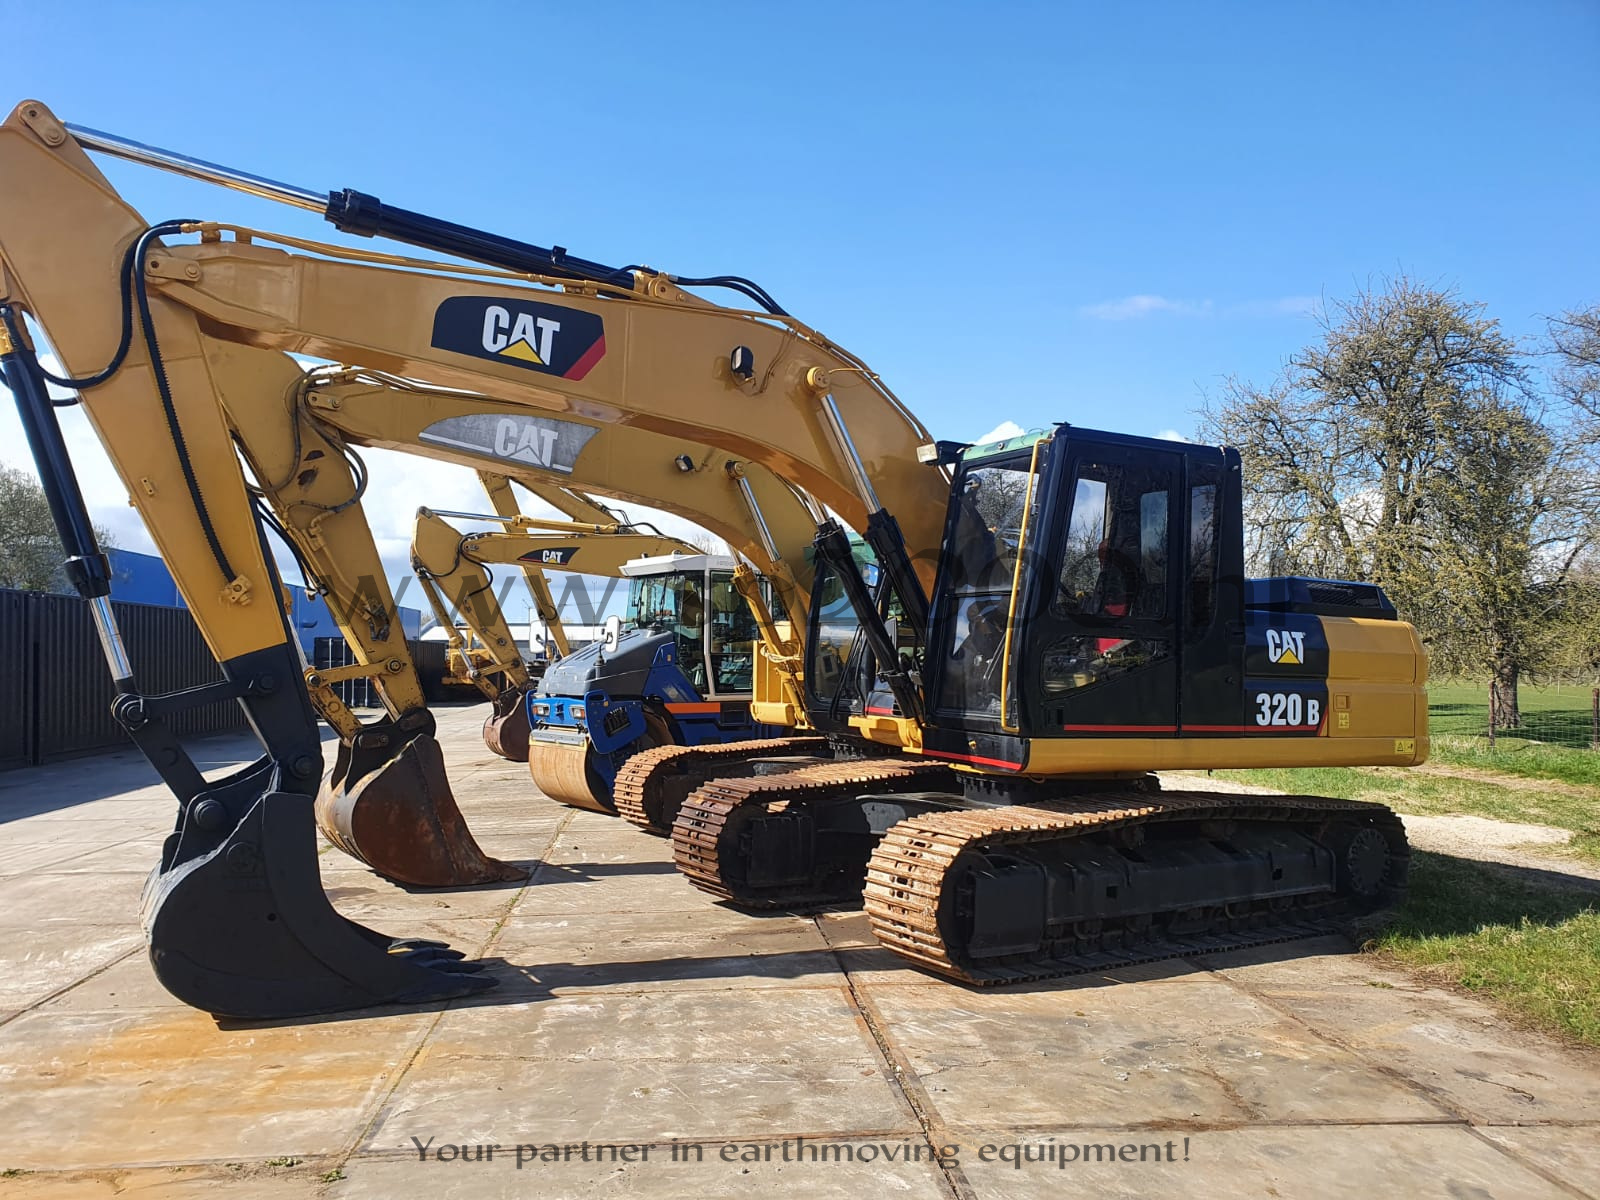 Caterpillar 320B Track excavator